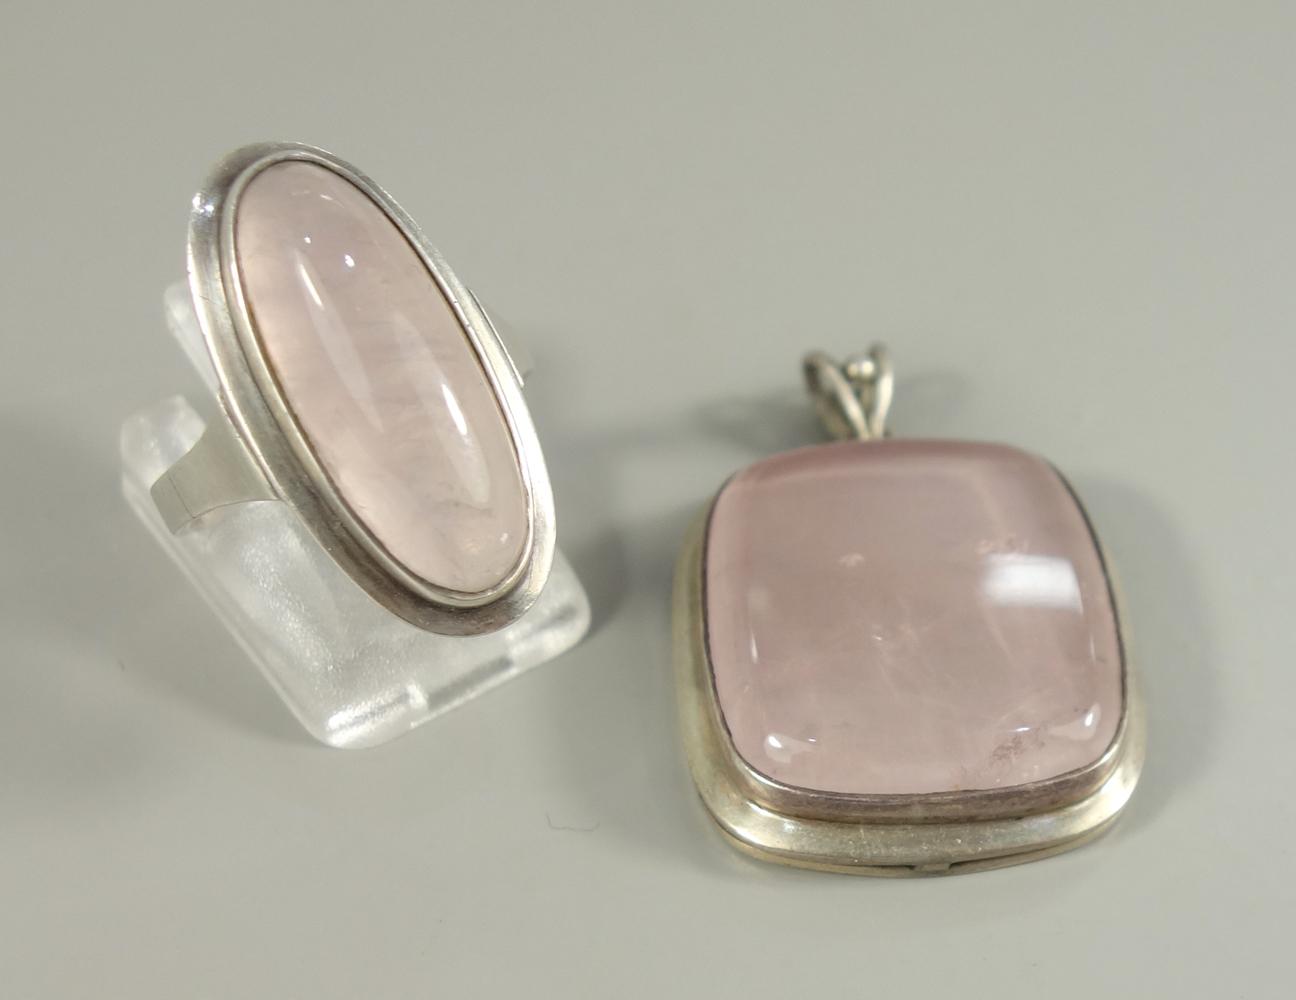 Anhänger und Ring mit Rosenquarz, 835er Silber, Gesamt-Gew.11,98g, Anhänger-L.mit beweglicher Öse